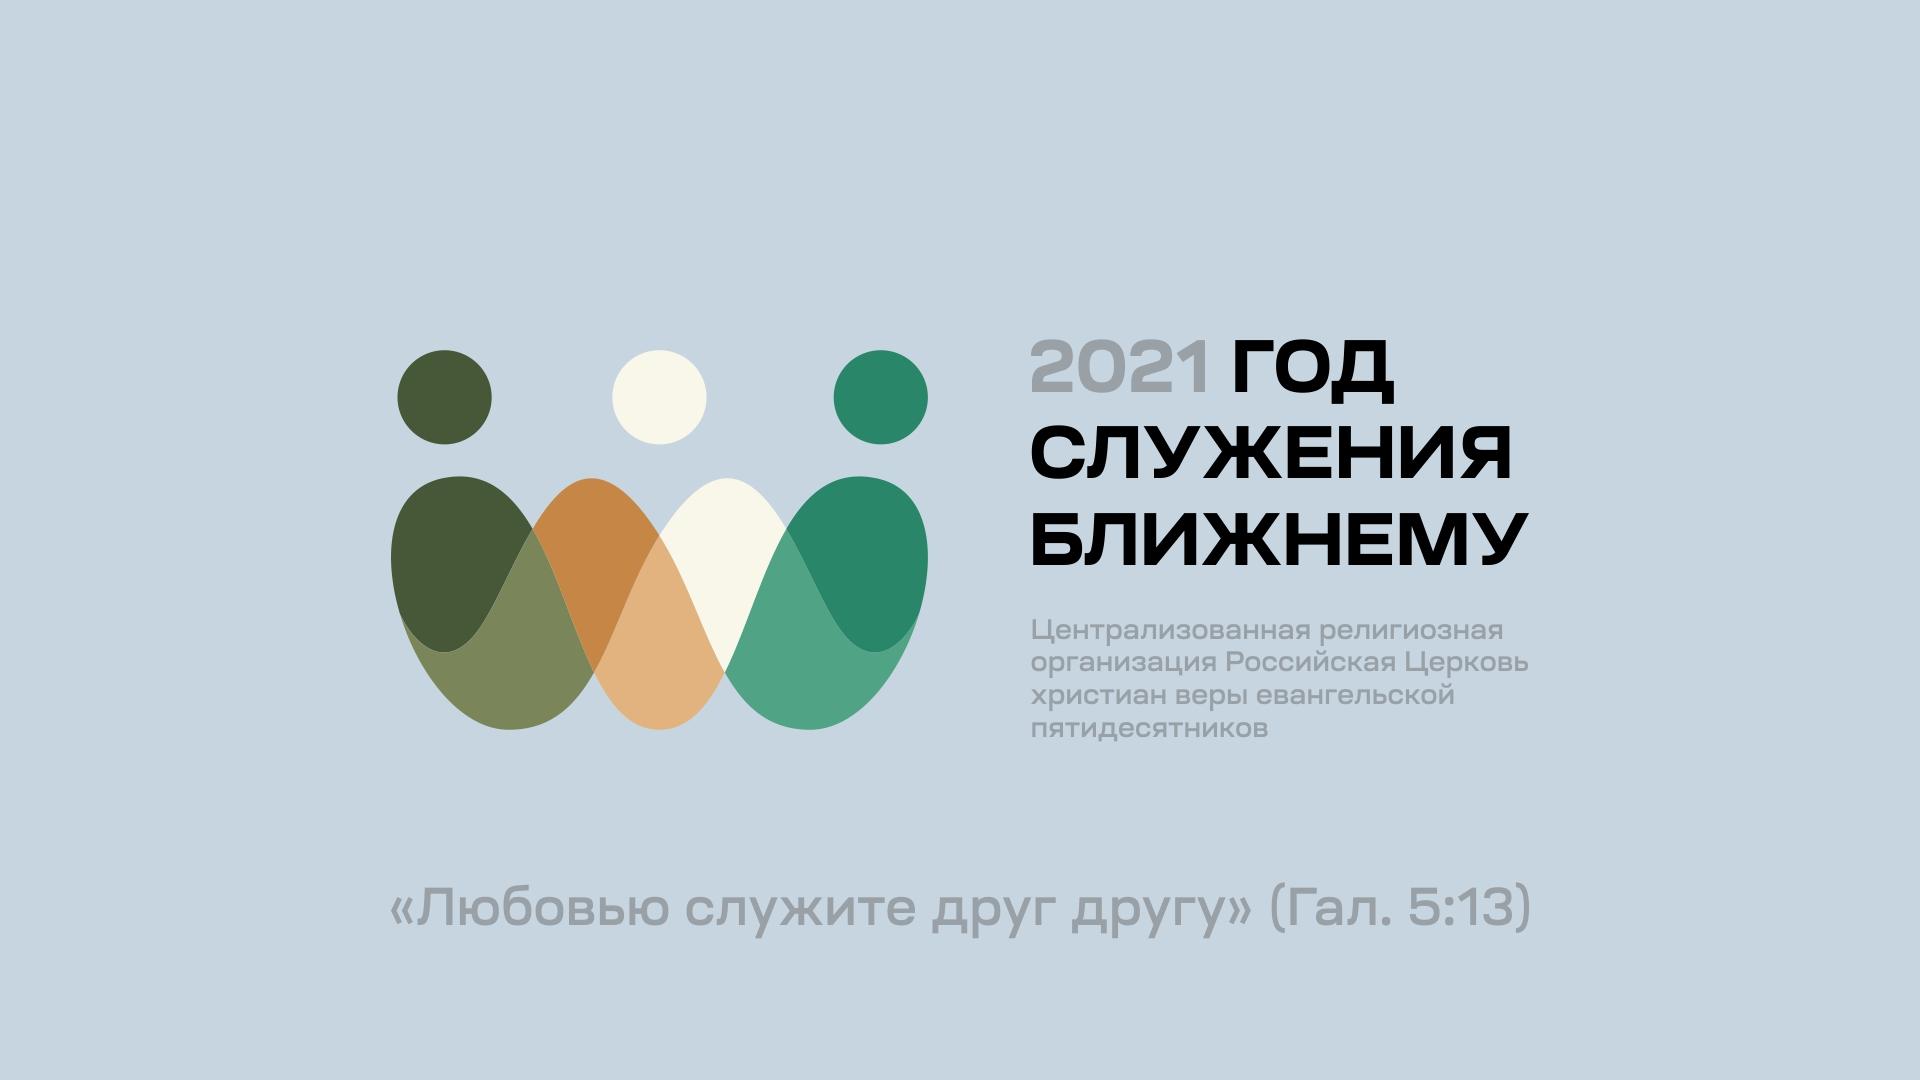 2021 год объявлен в РЦХВЕ Годом служения ближнему